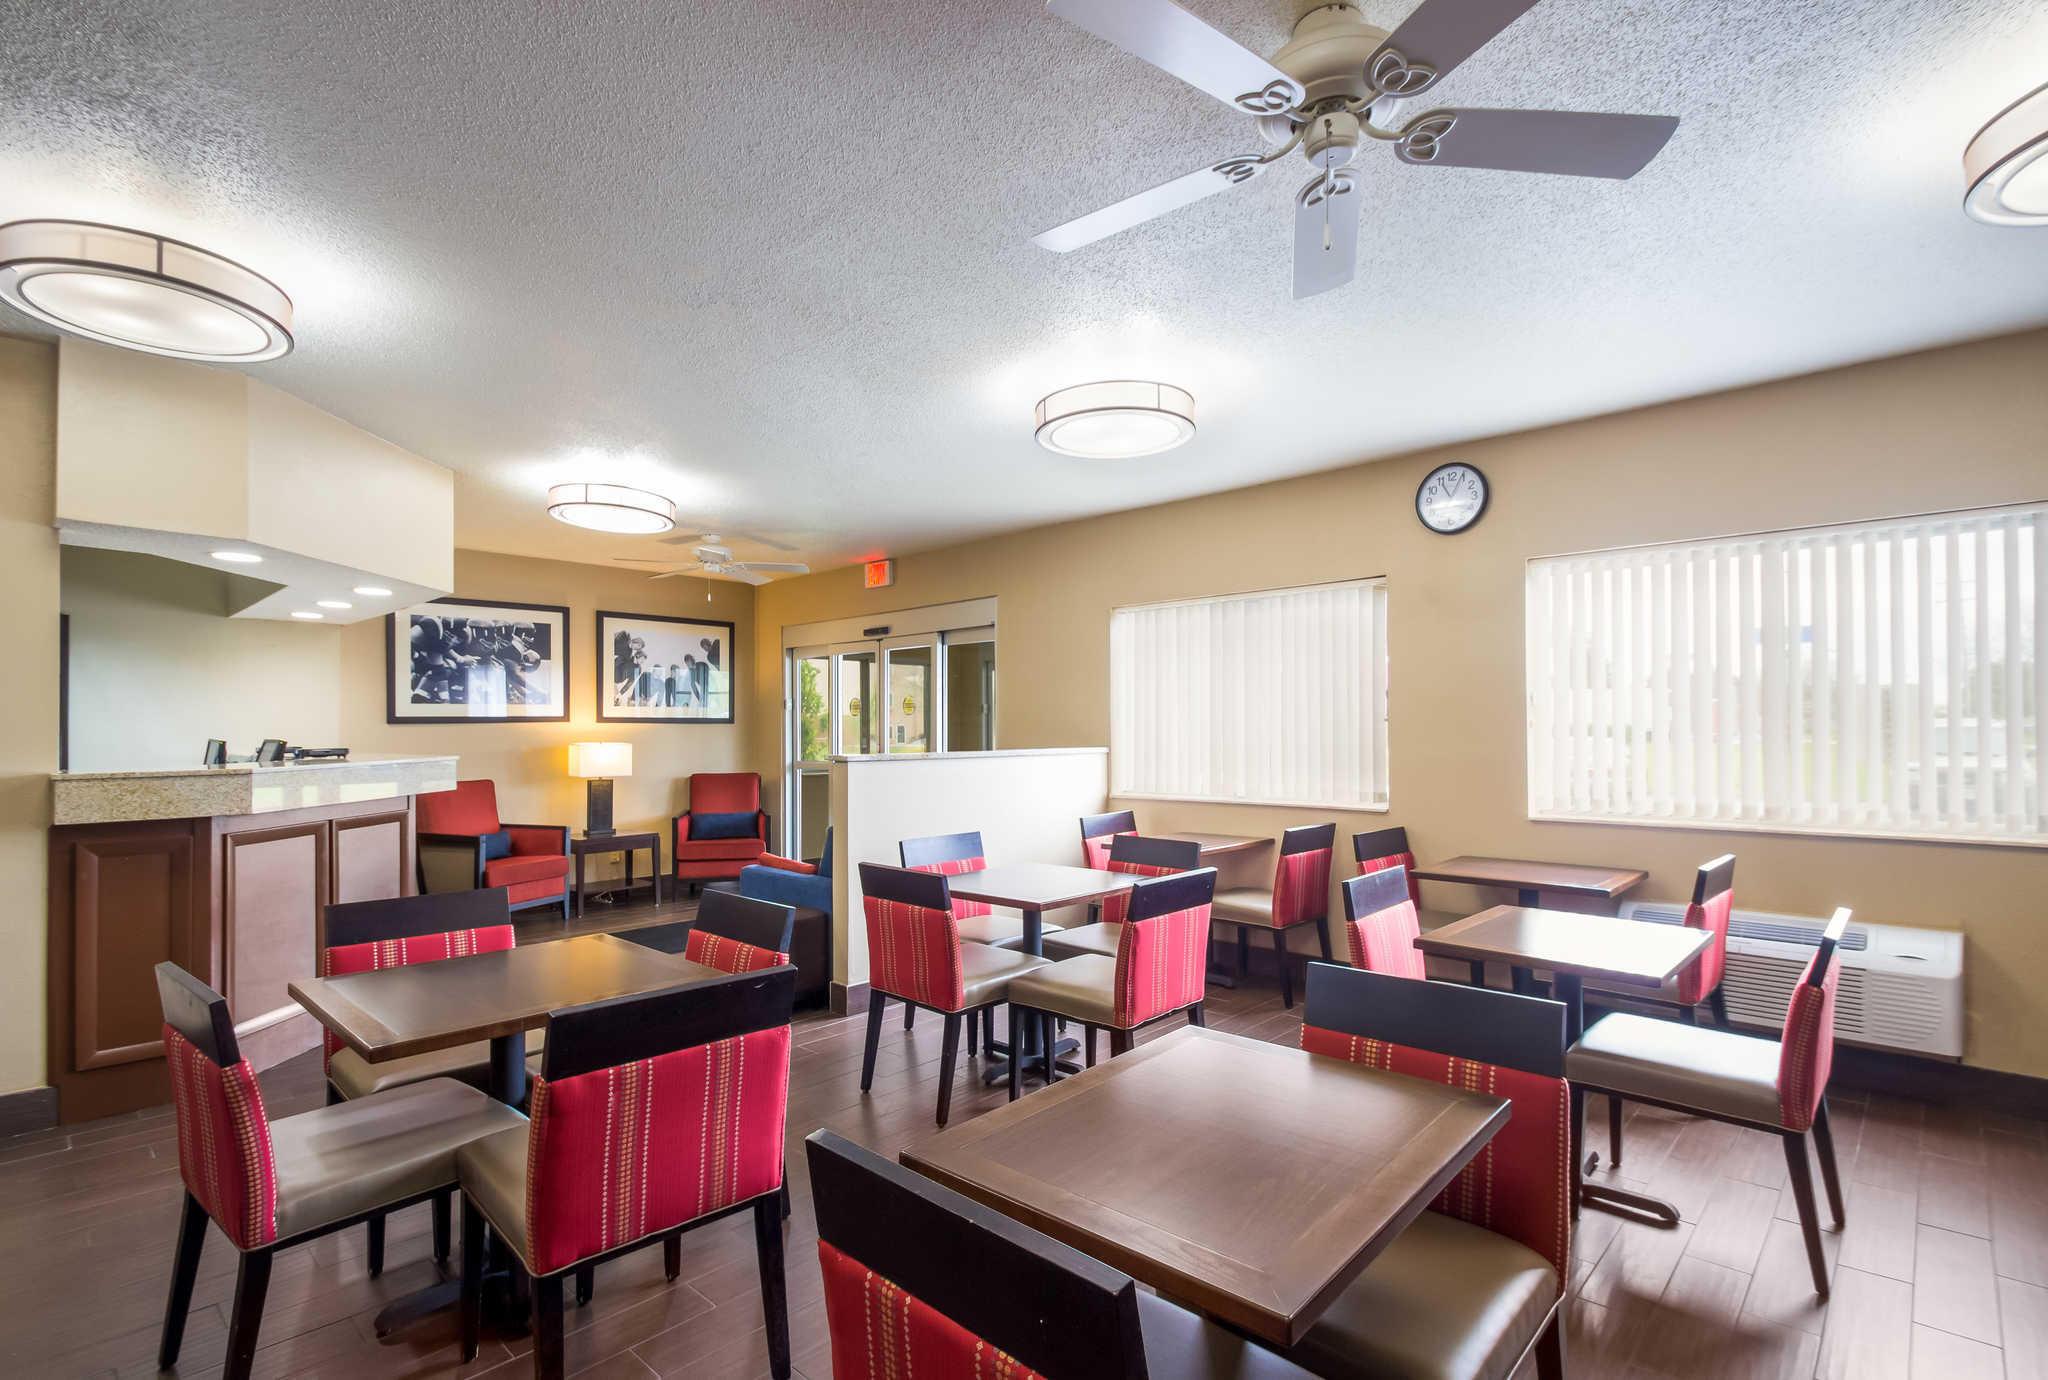 Comfort Inn image 28